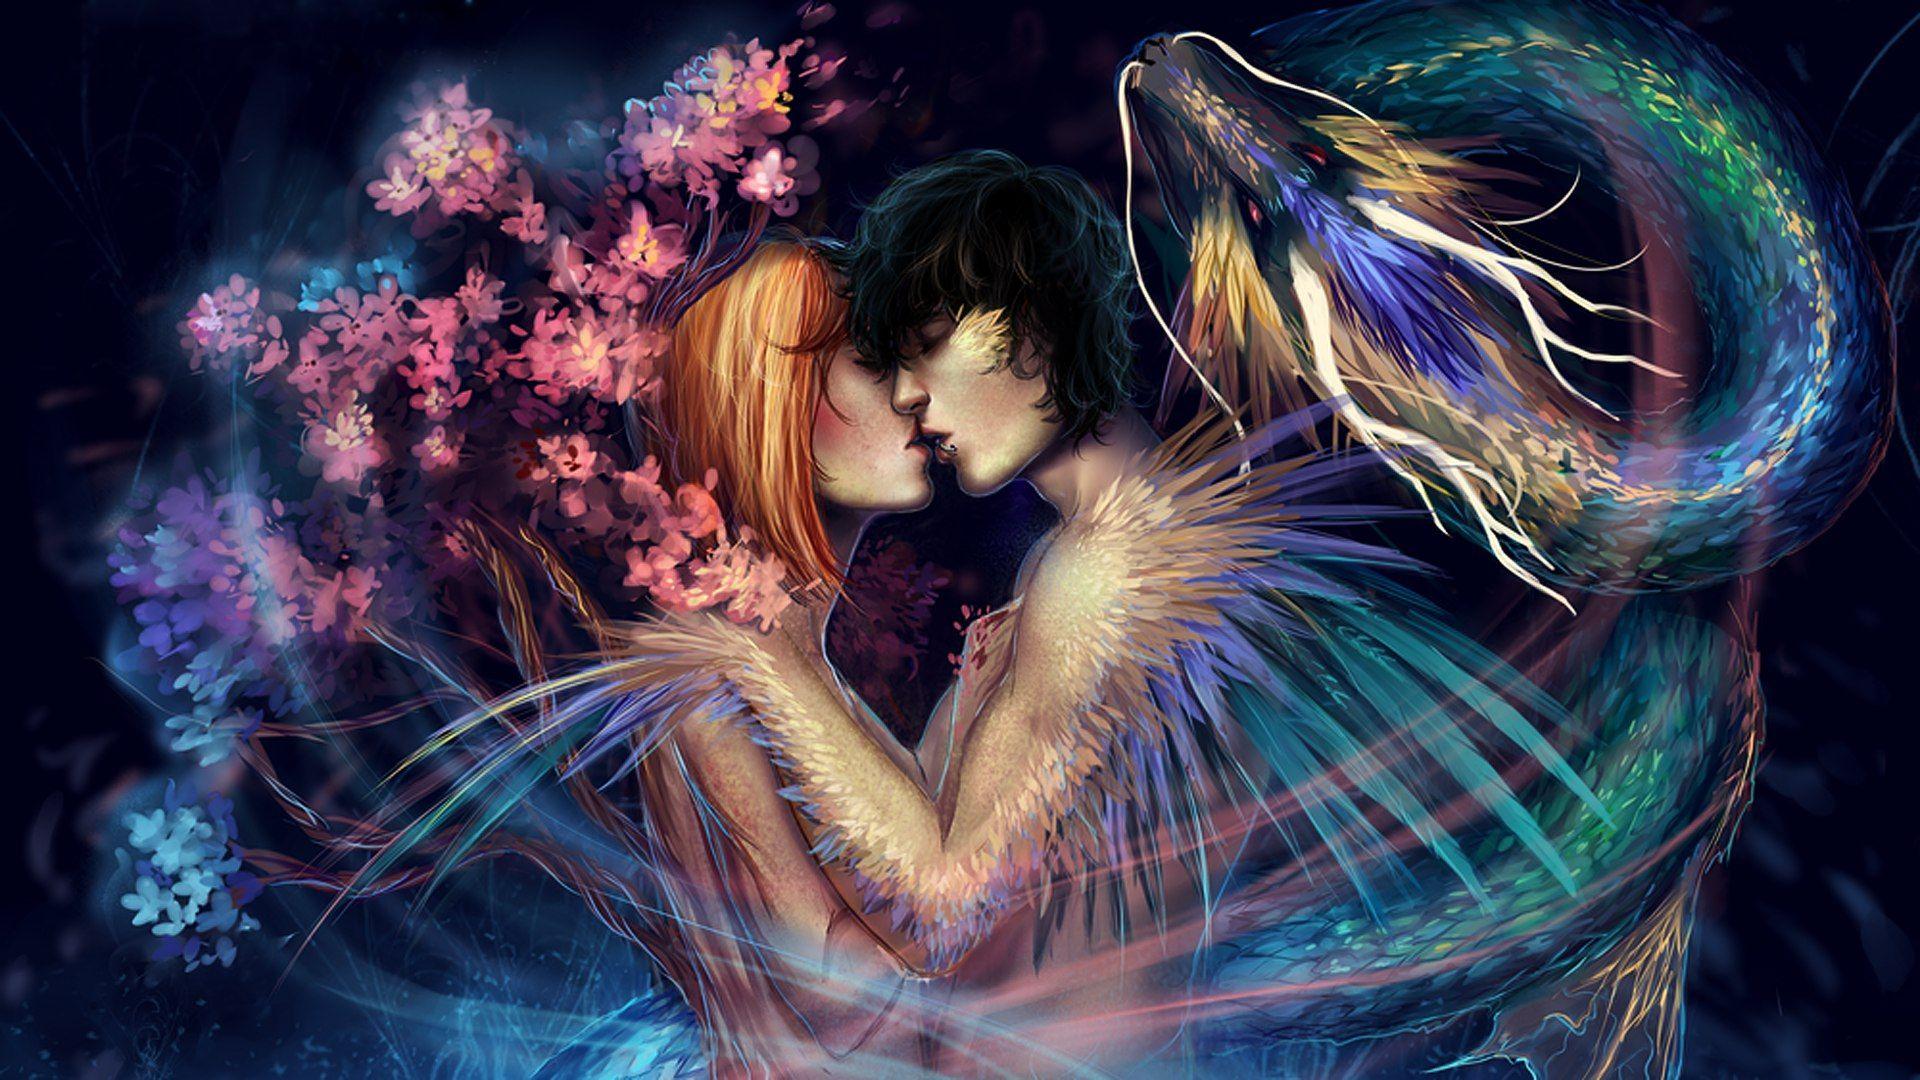 Картинки пара влюбленных фэнтези